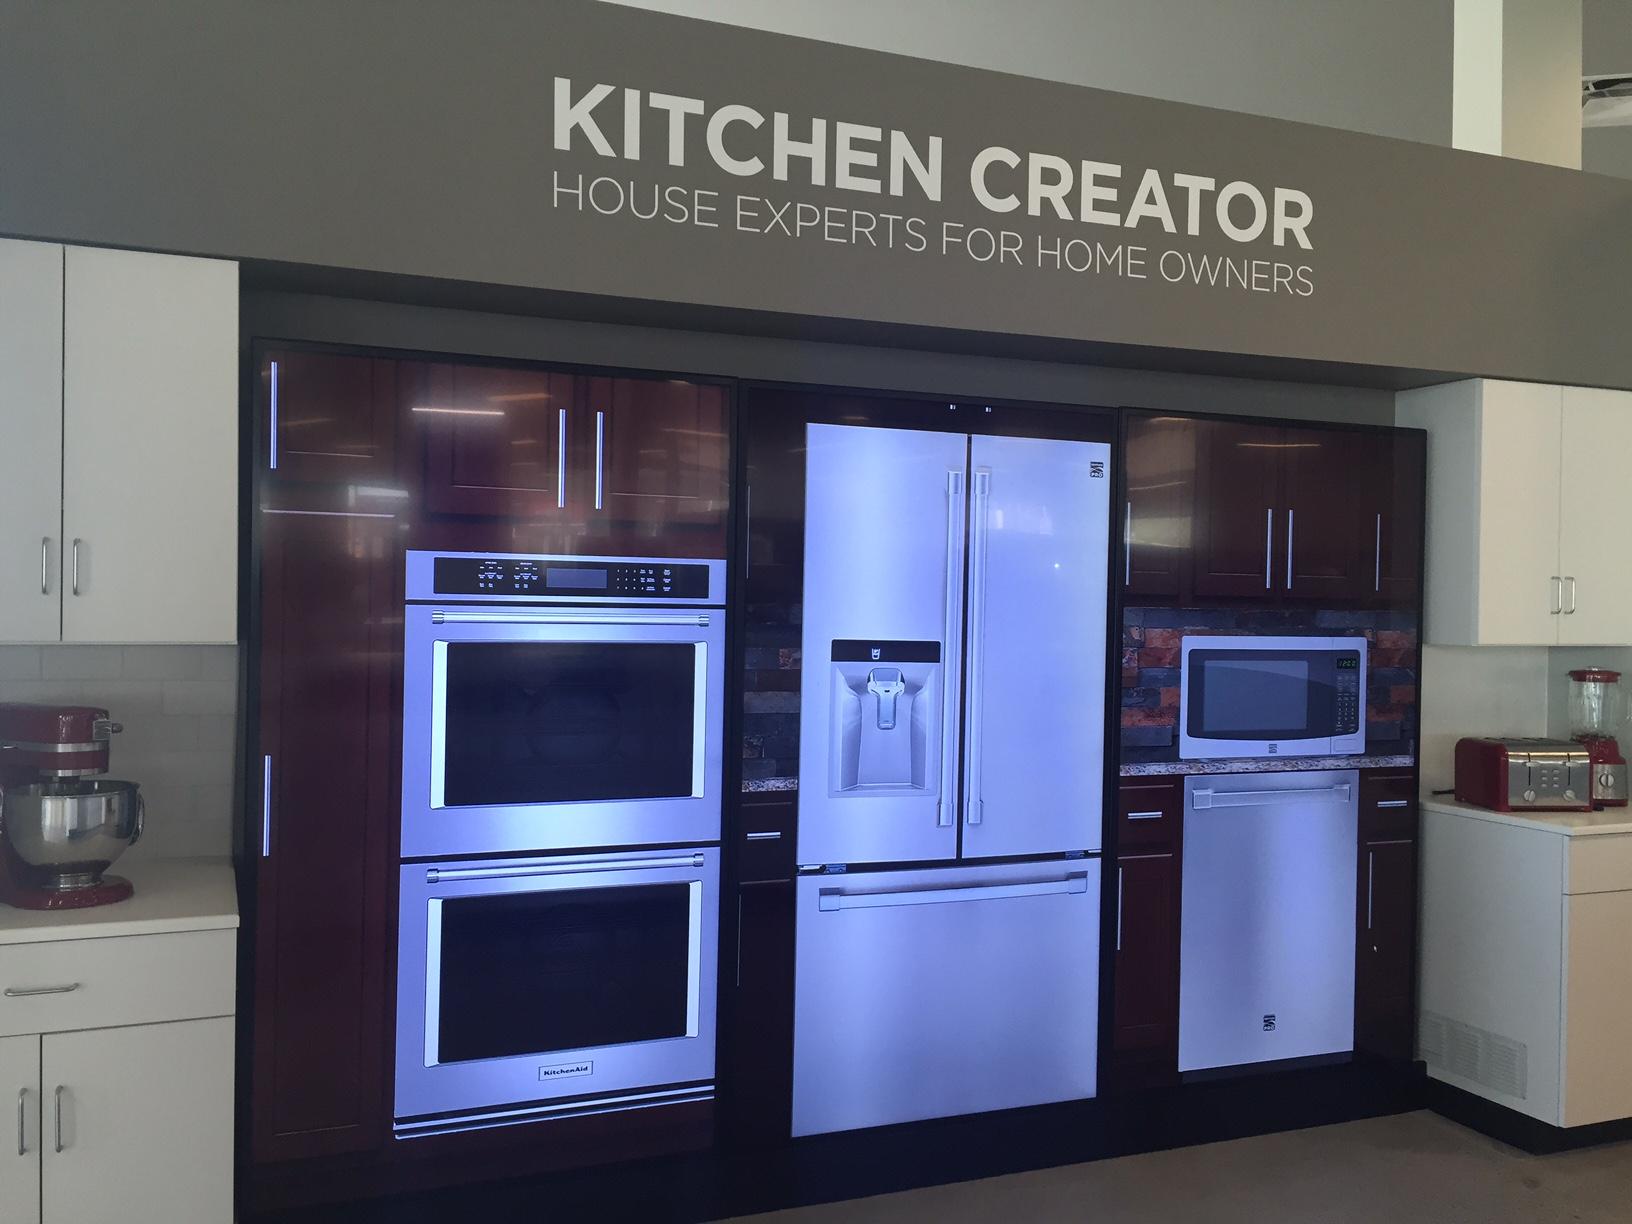 Exceptionnel Sears Kitchen Creator